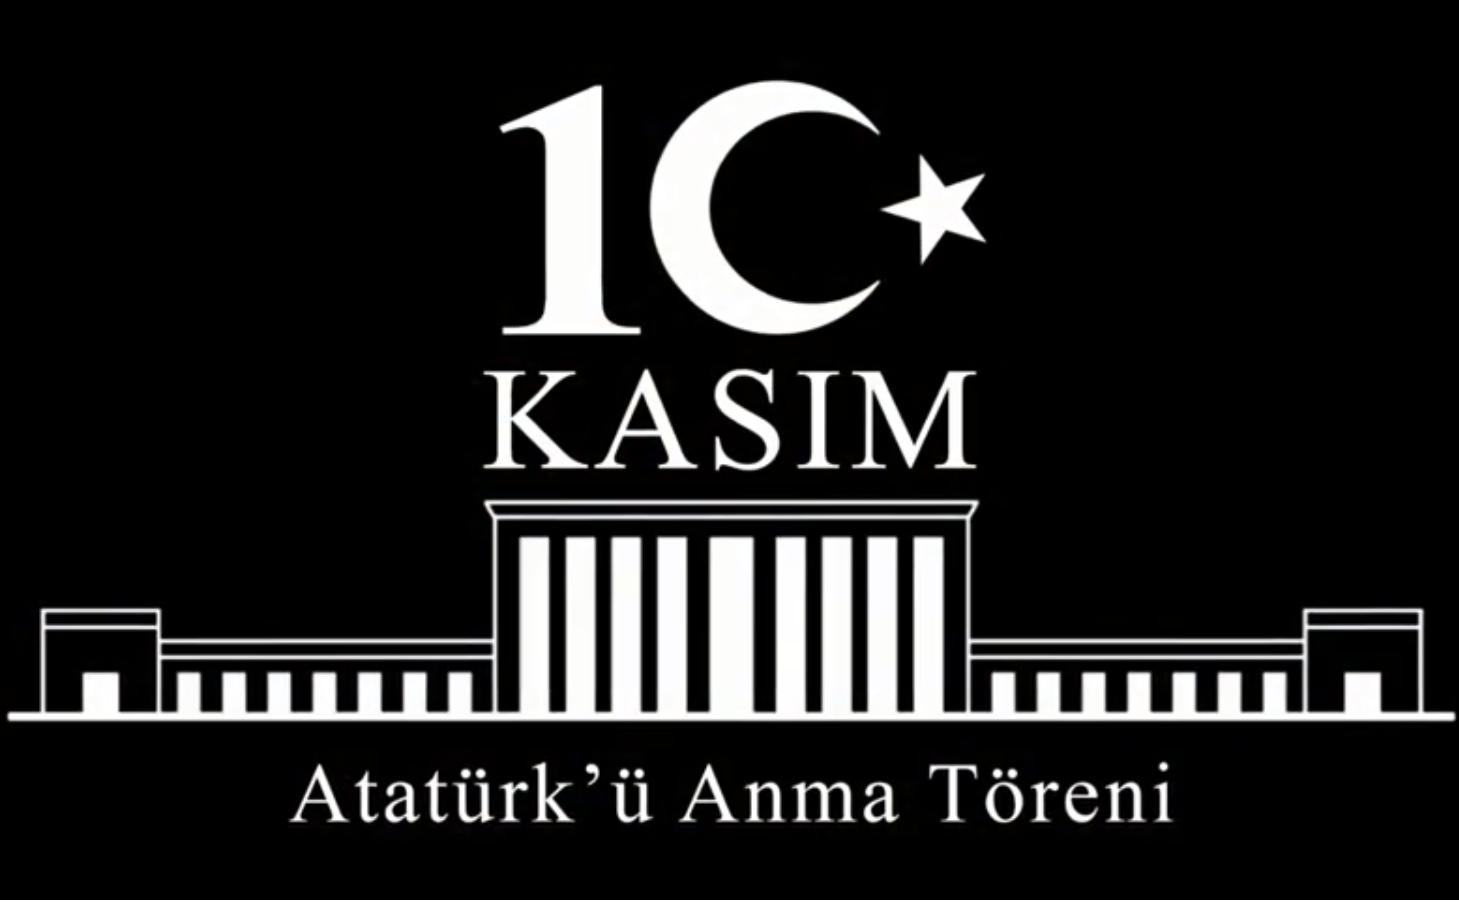 Ortaokul, Anadolu ve Fen Lisesi 10 Kasım Atatürk'ü Anma Tören Programı